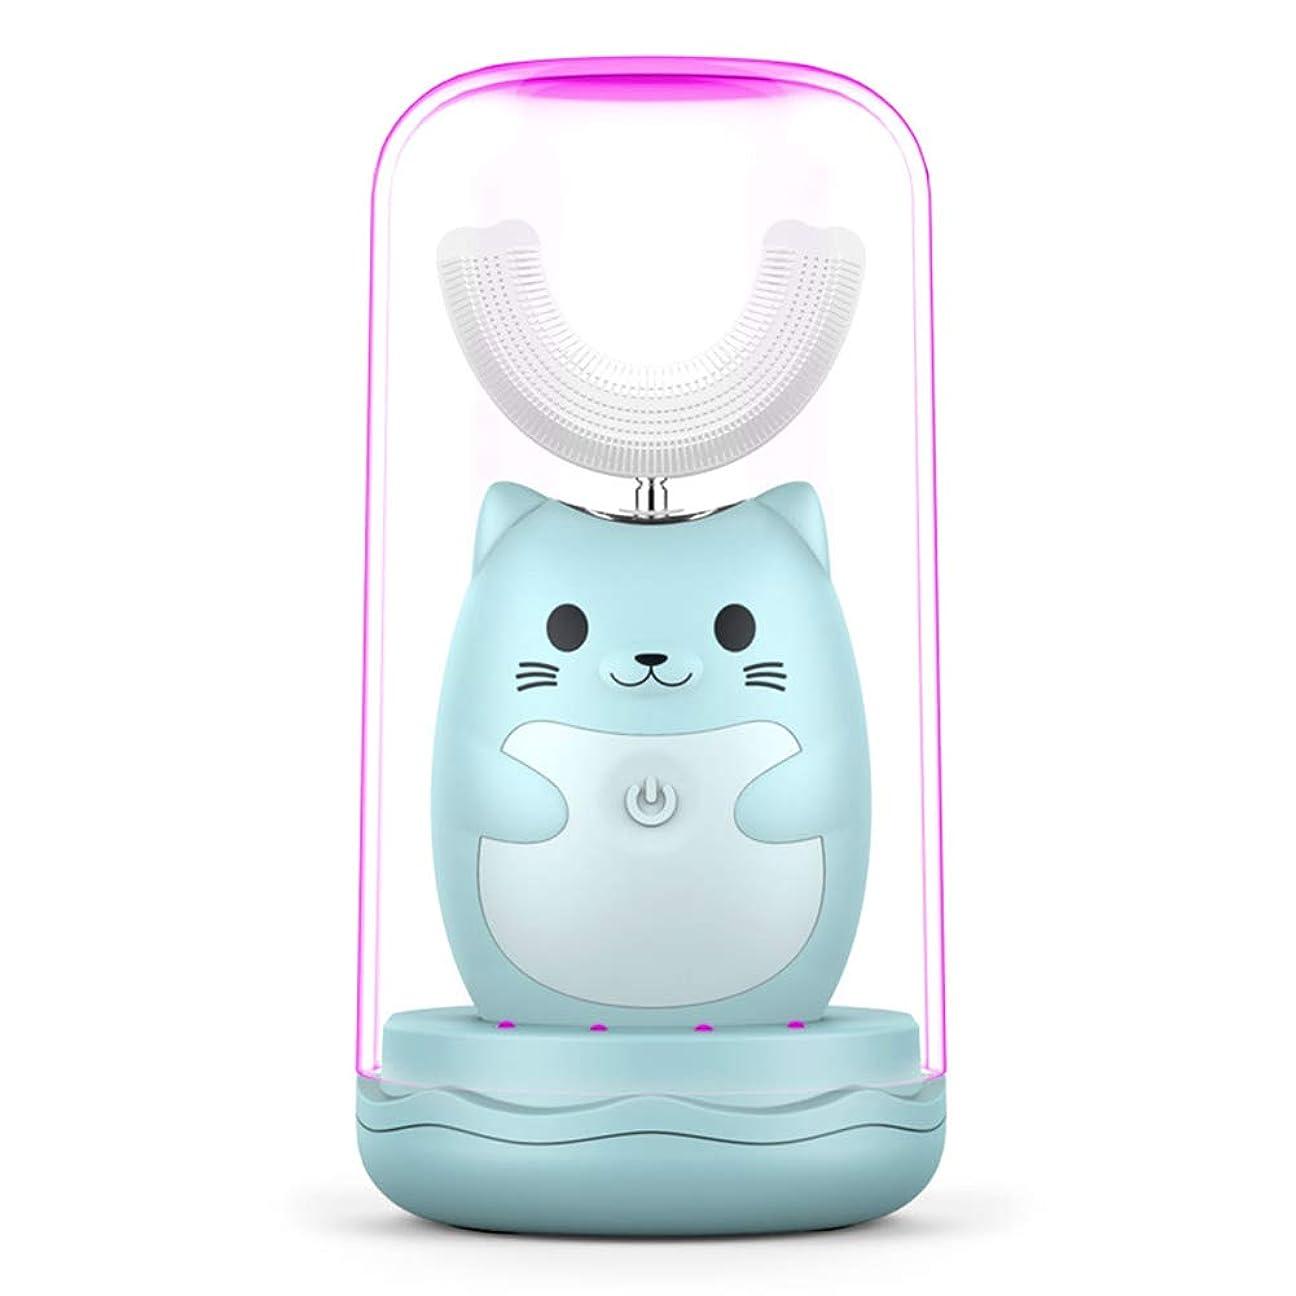 手当合併番号超音波子供電動歯ブラシ3スピードクリーニングモード歯ホワイトニング消毒うがいカップ2-6歳児